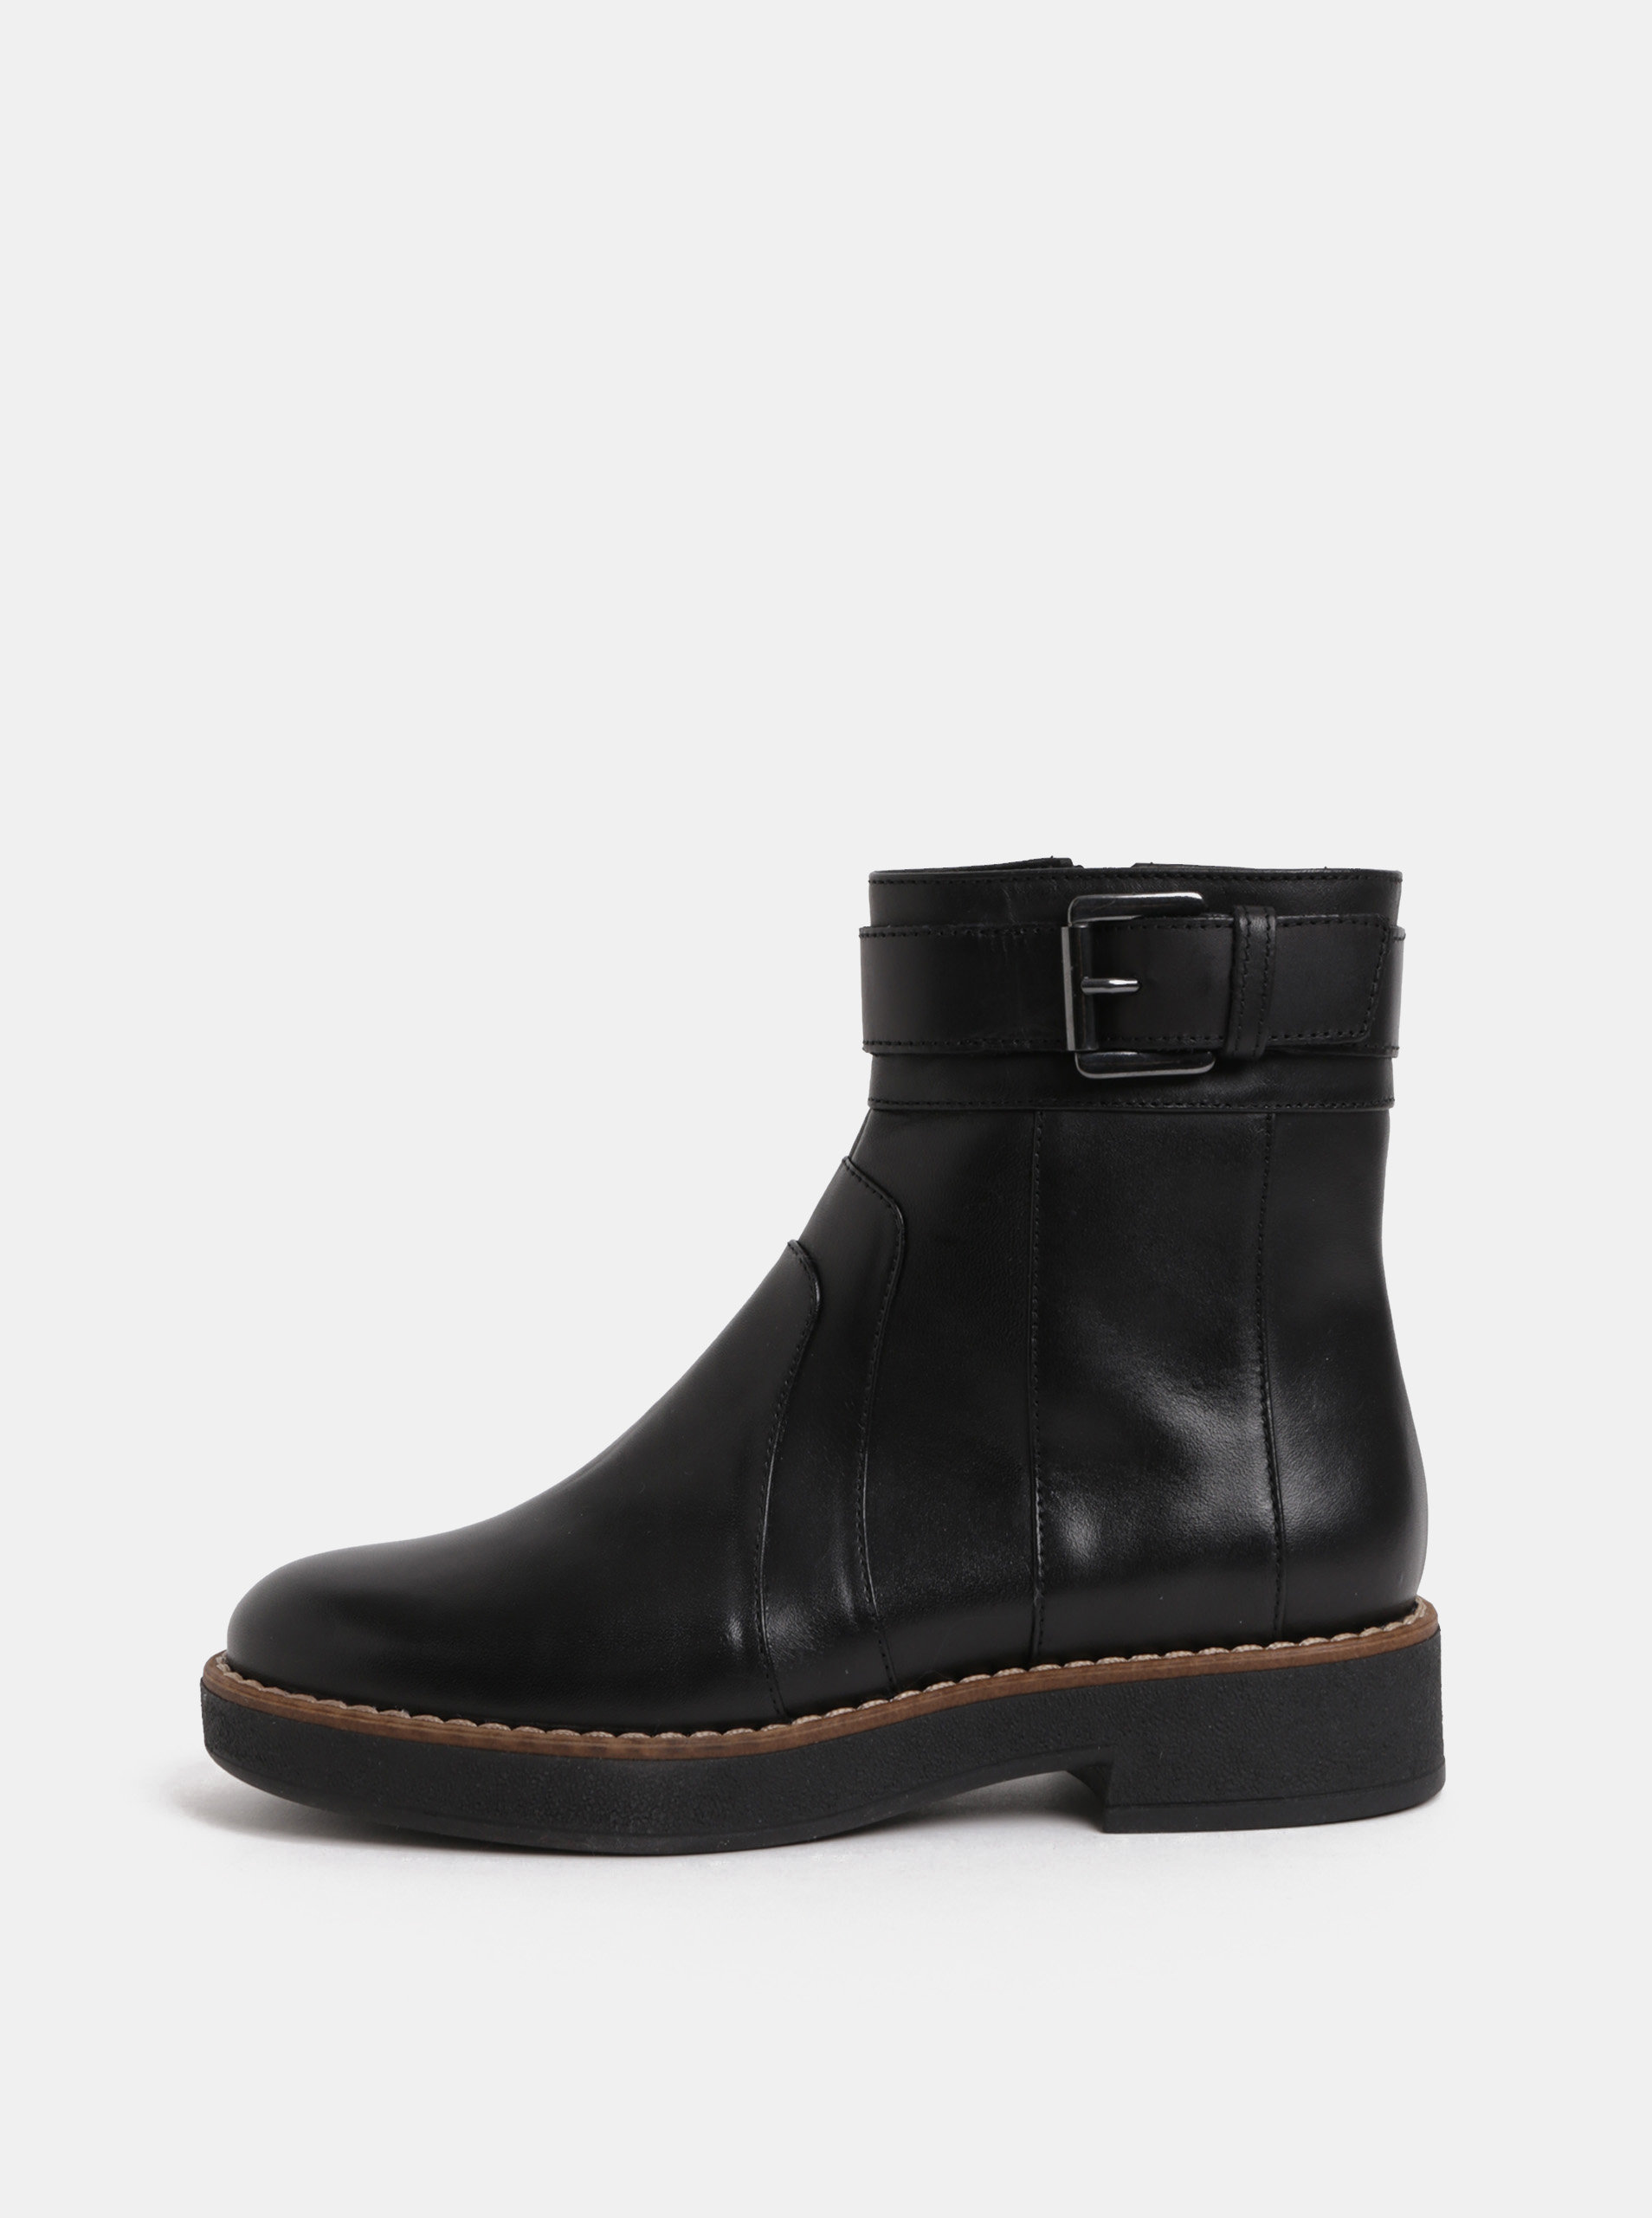 Černé dámské kožené kotníkové boty s přezkou Geox Adrya ... 6e3f2cebe20